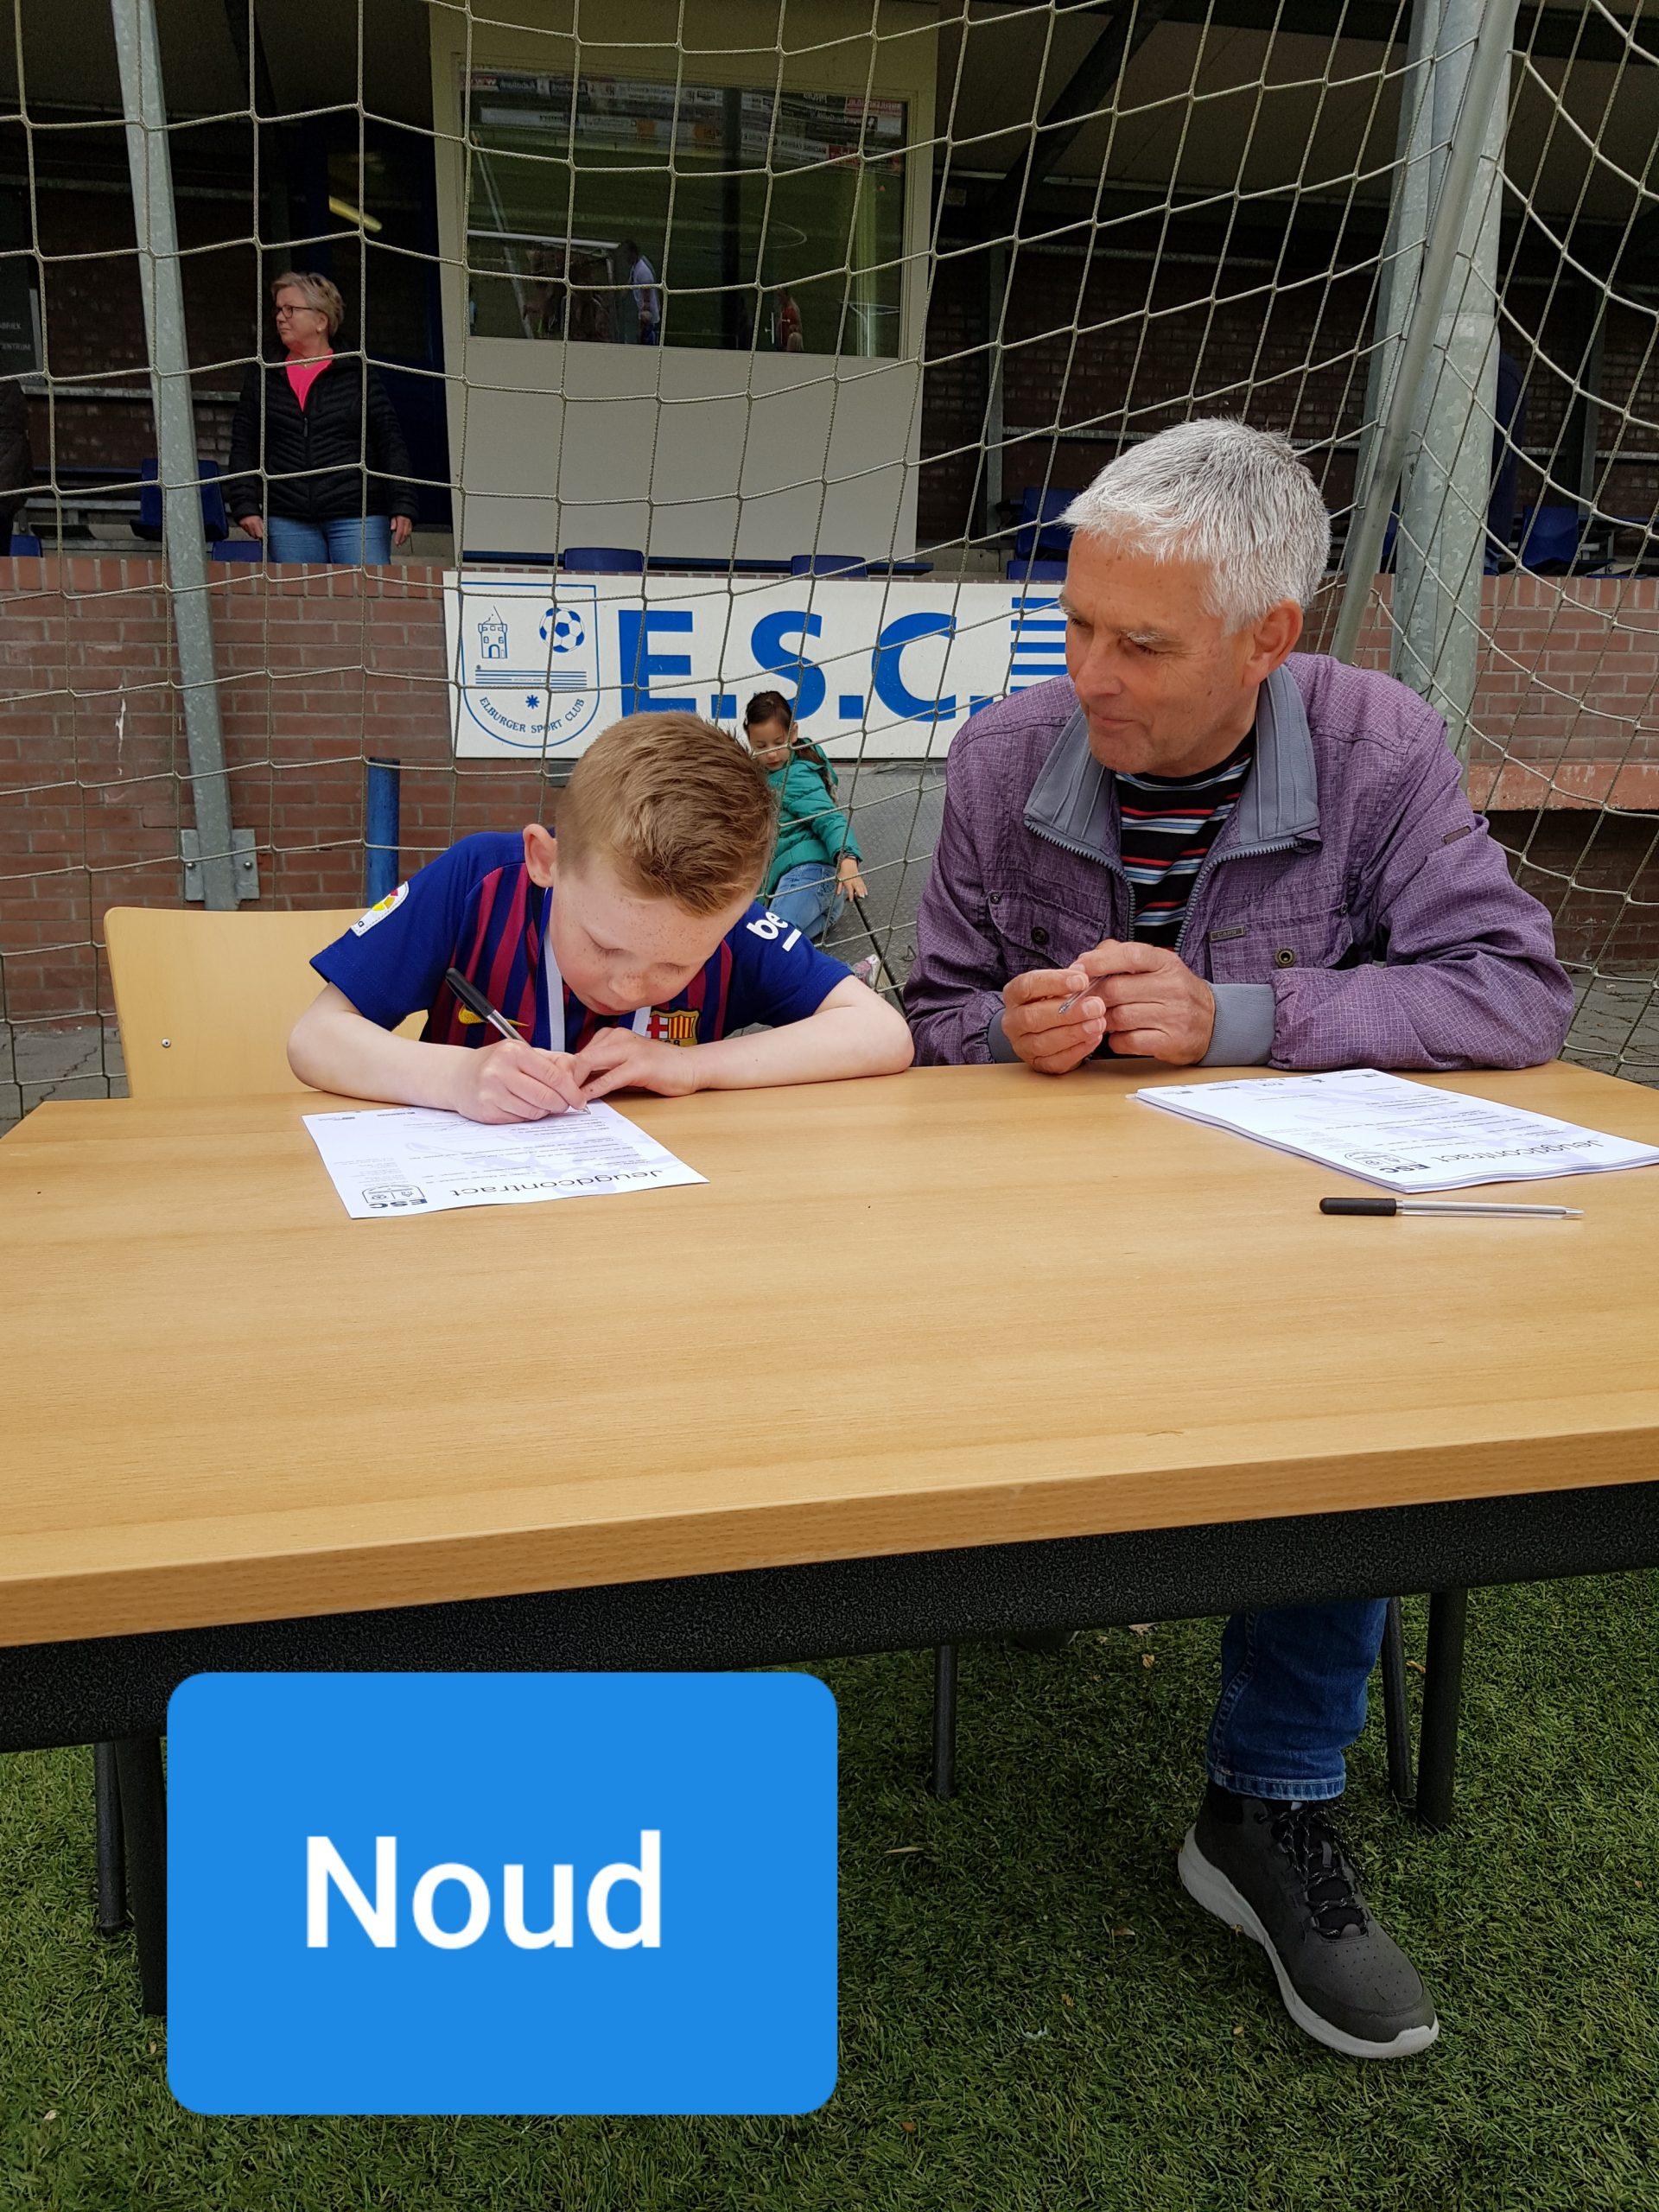 ElburgerSC - Welkom aan onze nieuwe voetbaltoppers!